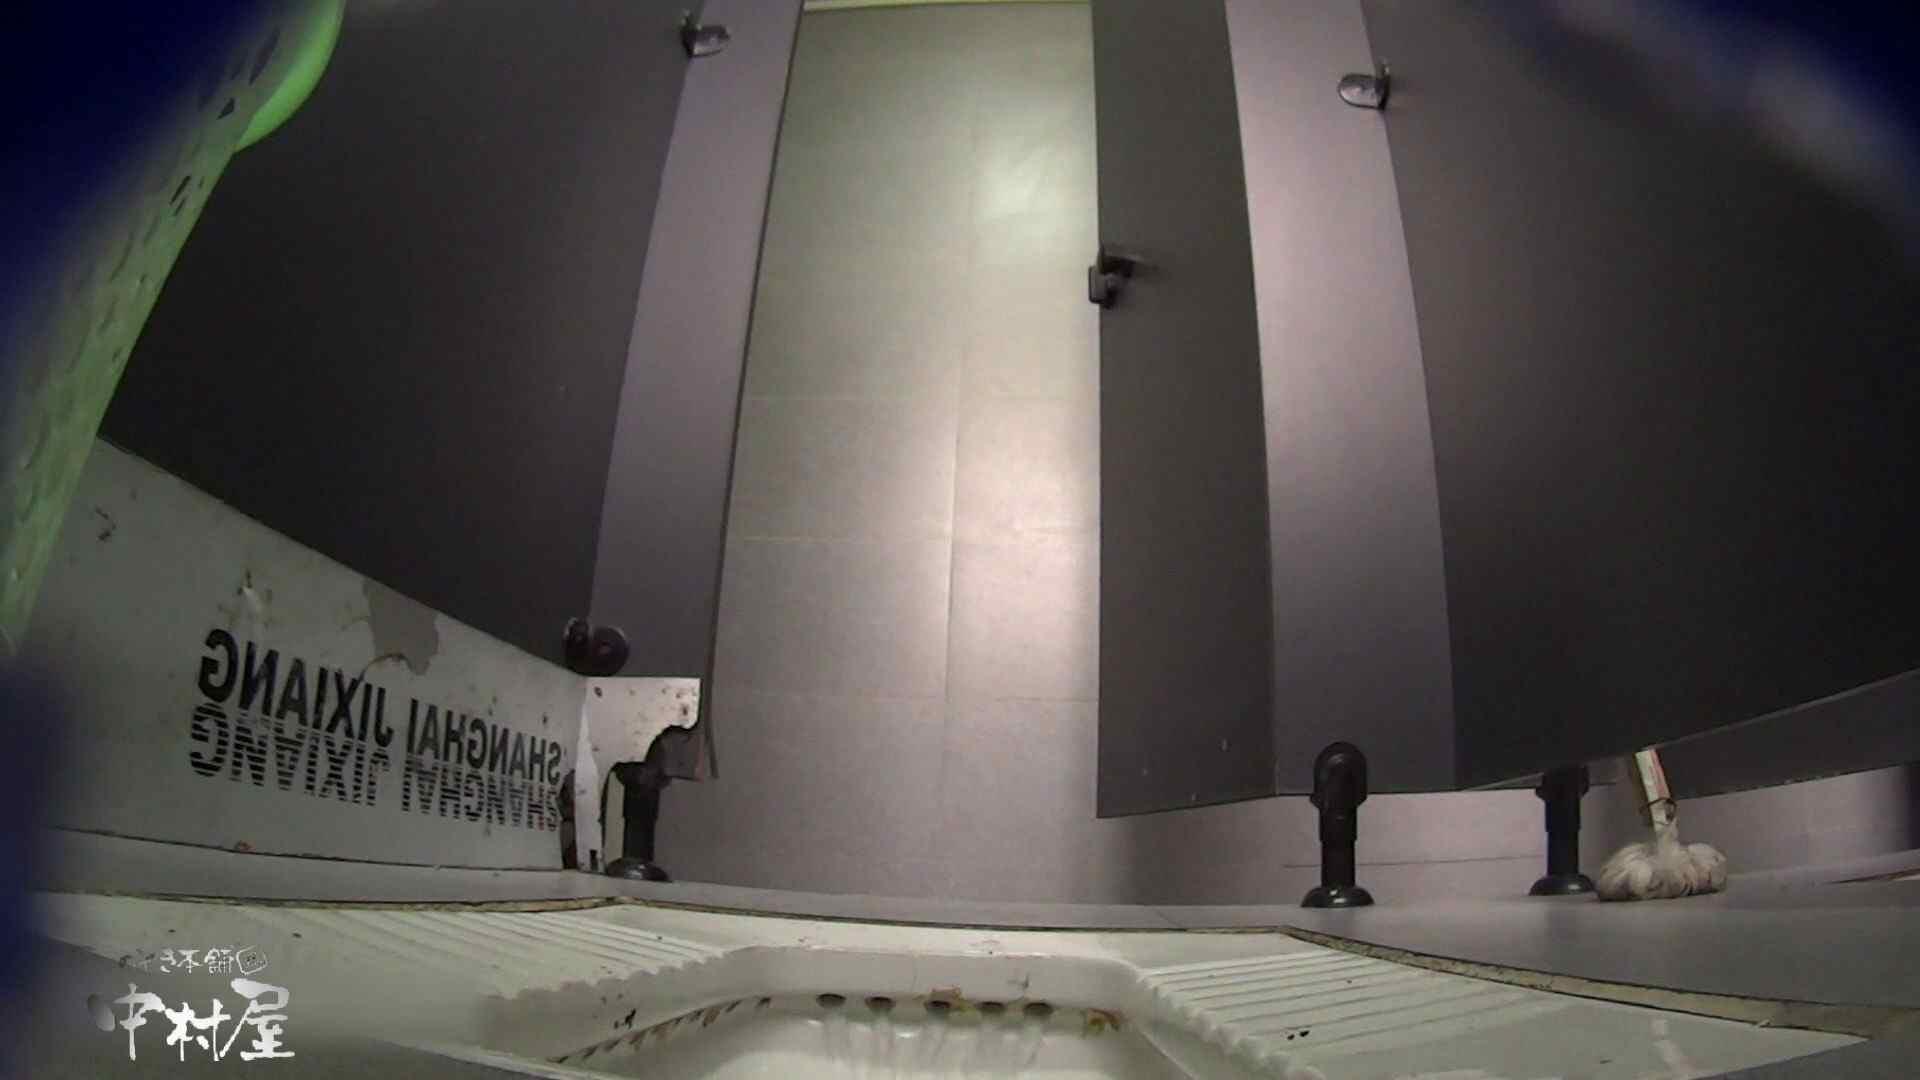 グレースパッツお女市さん 大学休憩時間の洗面所事情31 お姉さんのエロ動画  96PIX 48